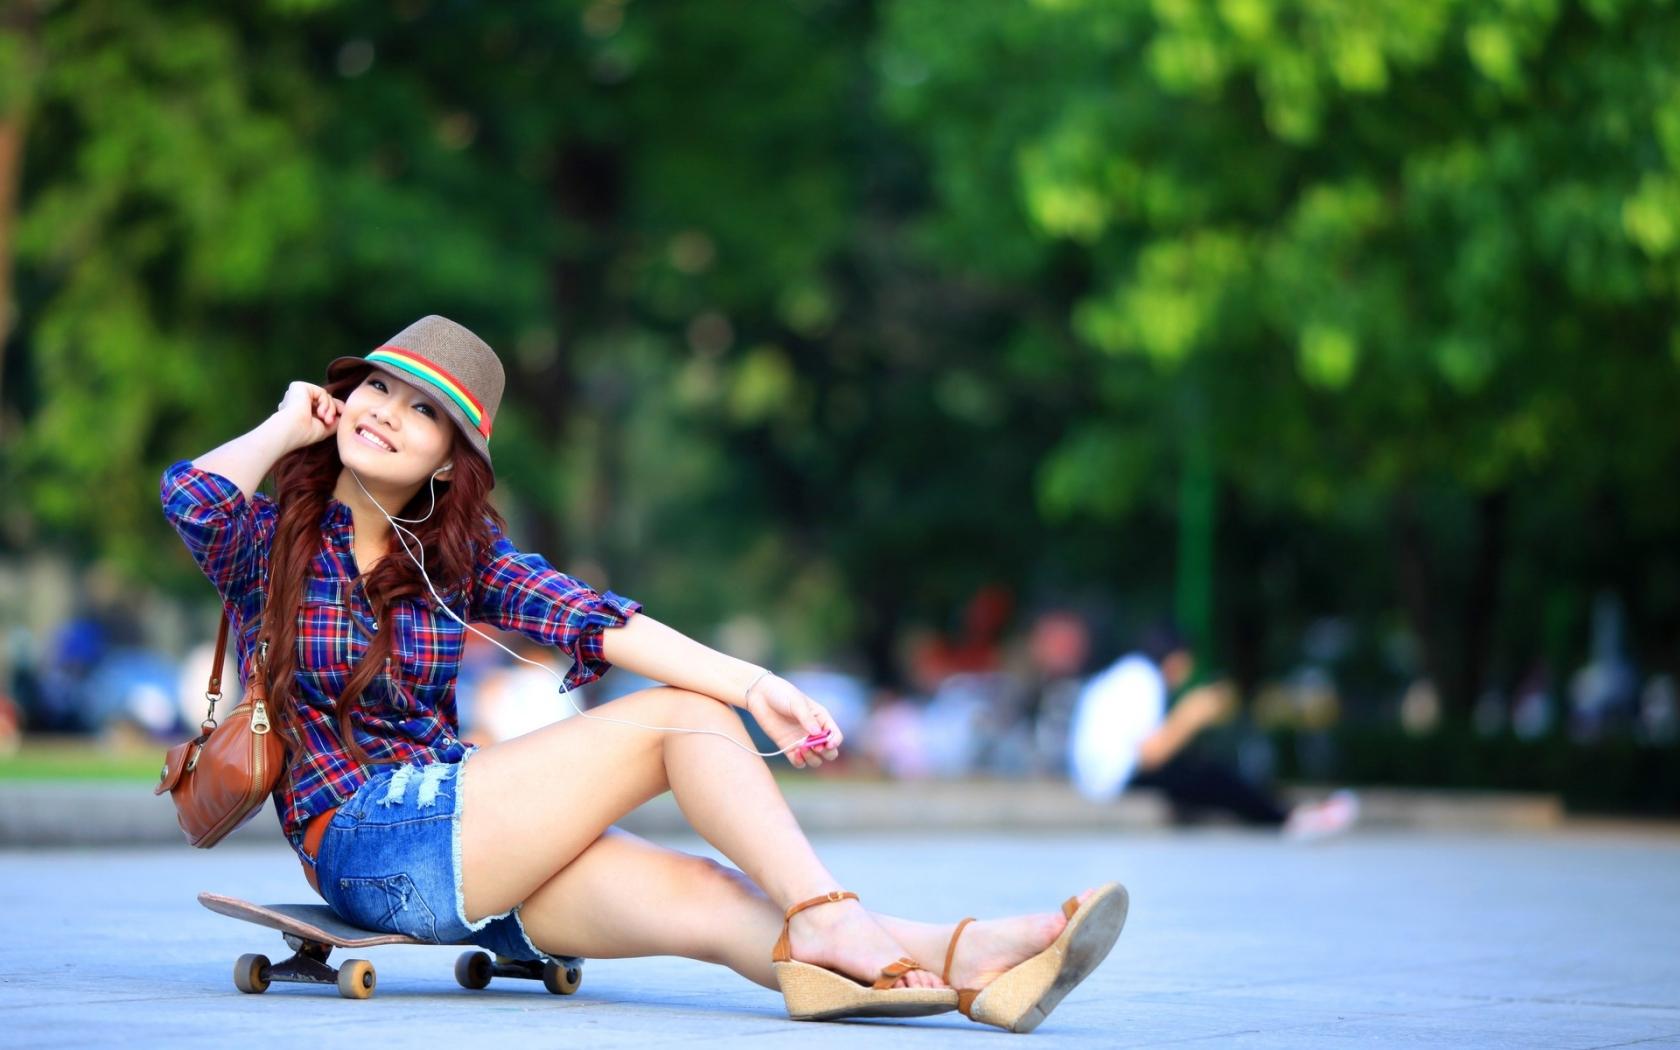 Asiática en Skate - 1680x1050